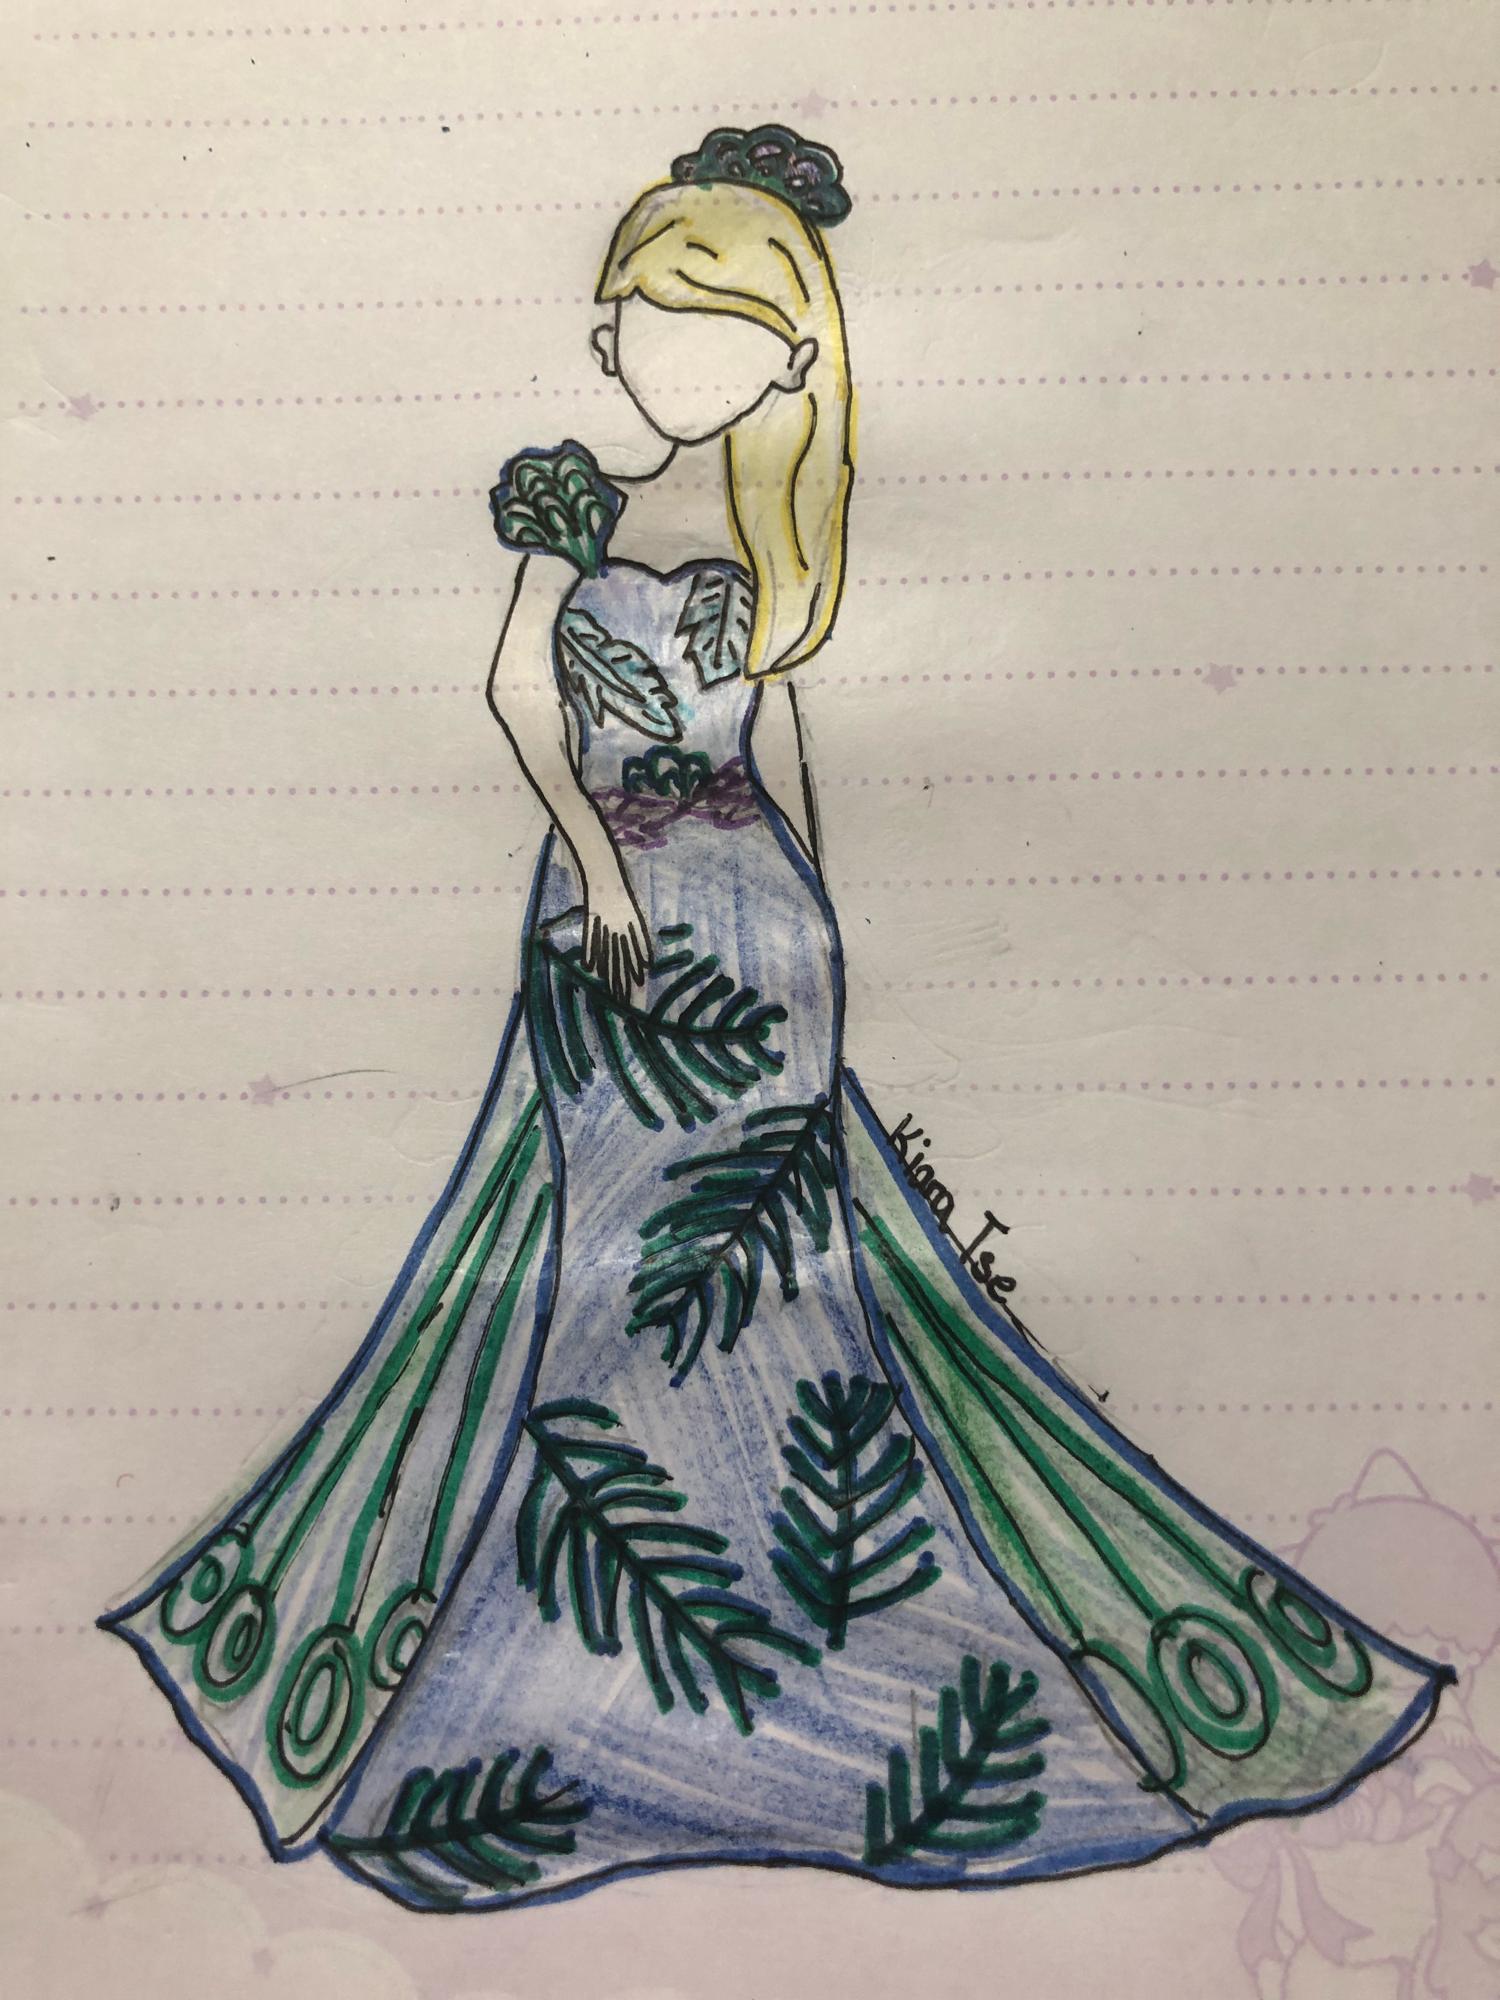 Mrs Agreste 's dress